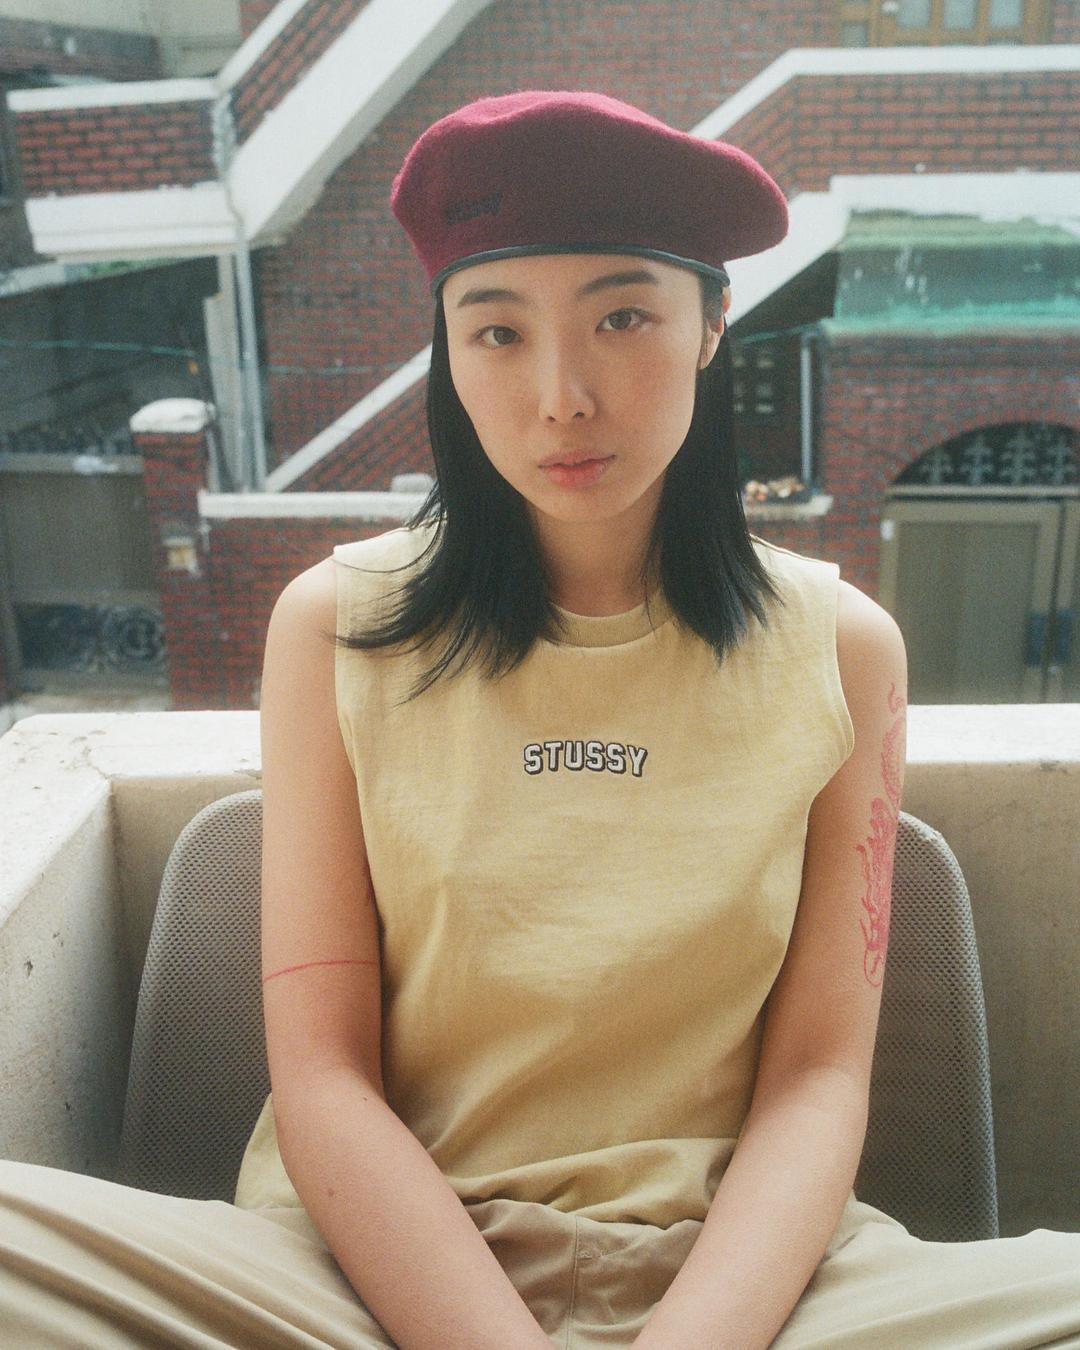 người mẫu mặc áo stussy phong cách thời trang streetwear